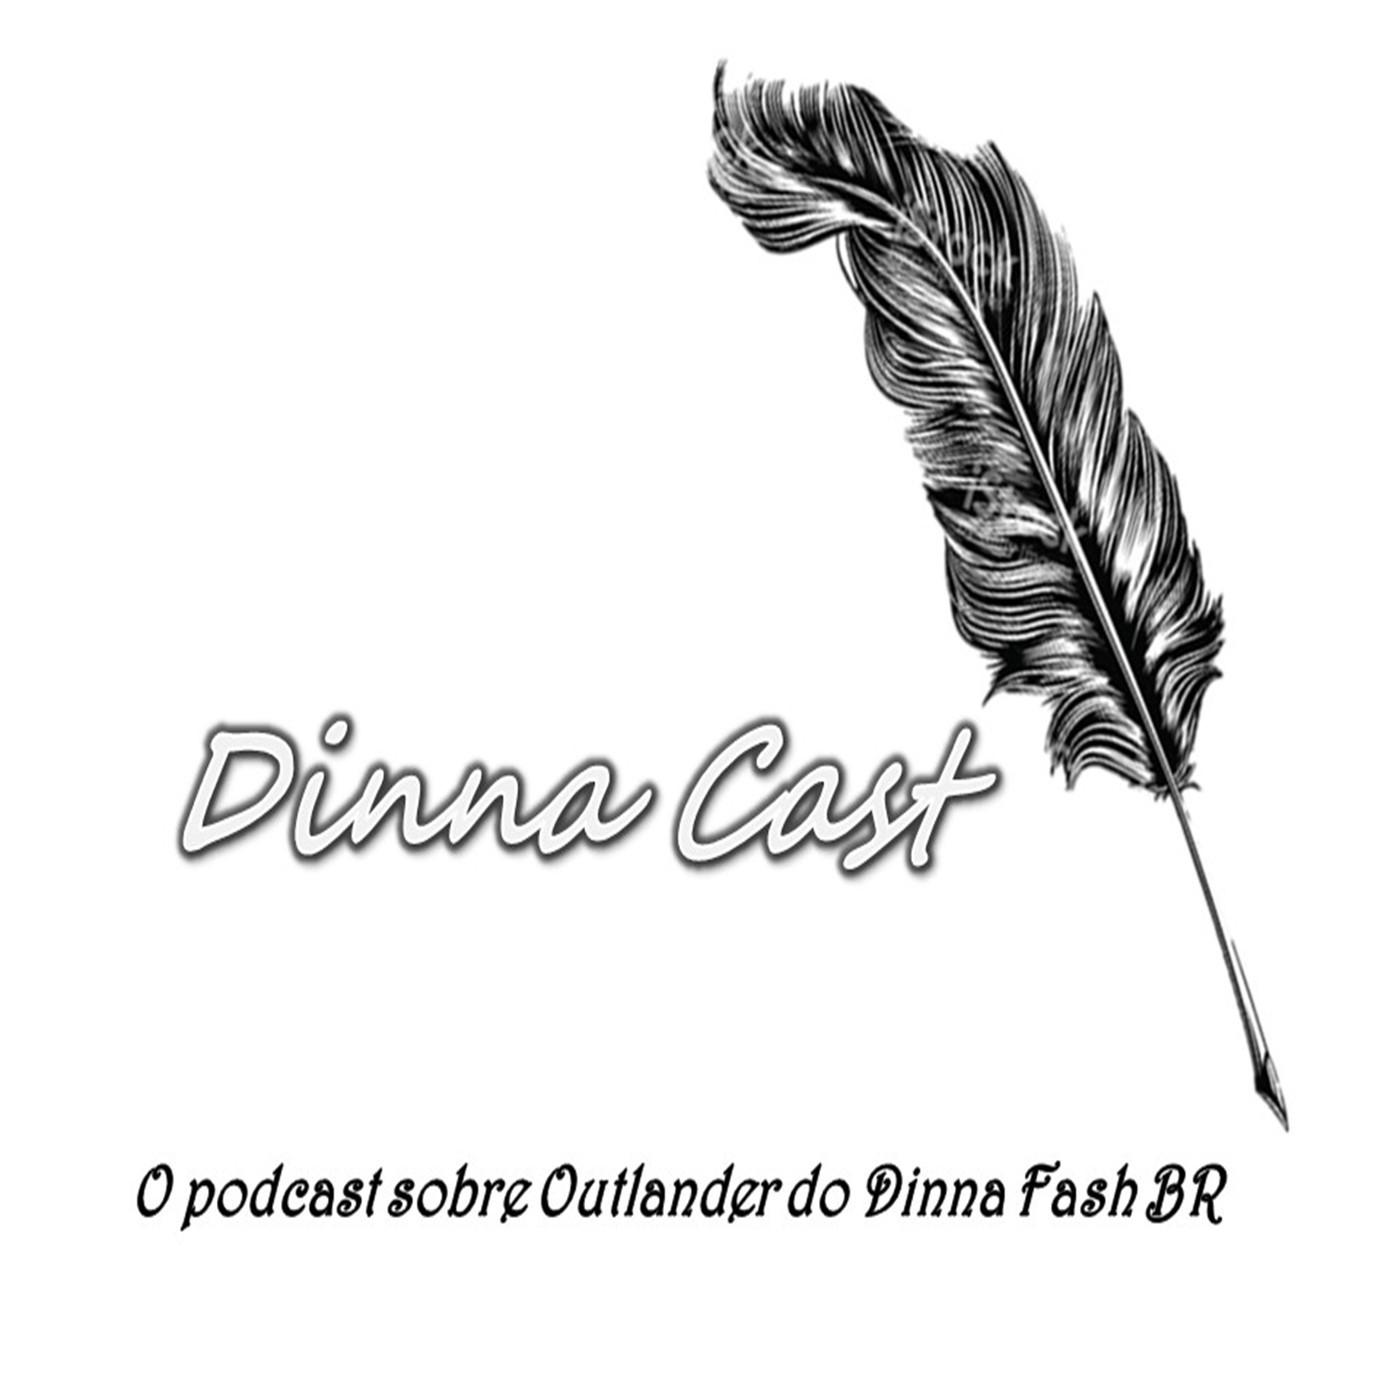 Dinnacast #4 S03 E13 - Eye of the Storm